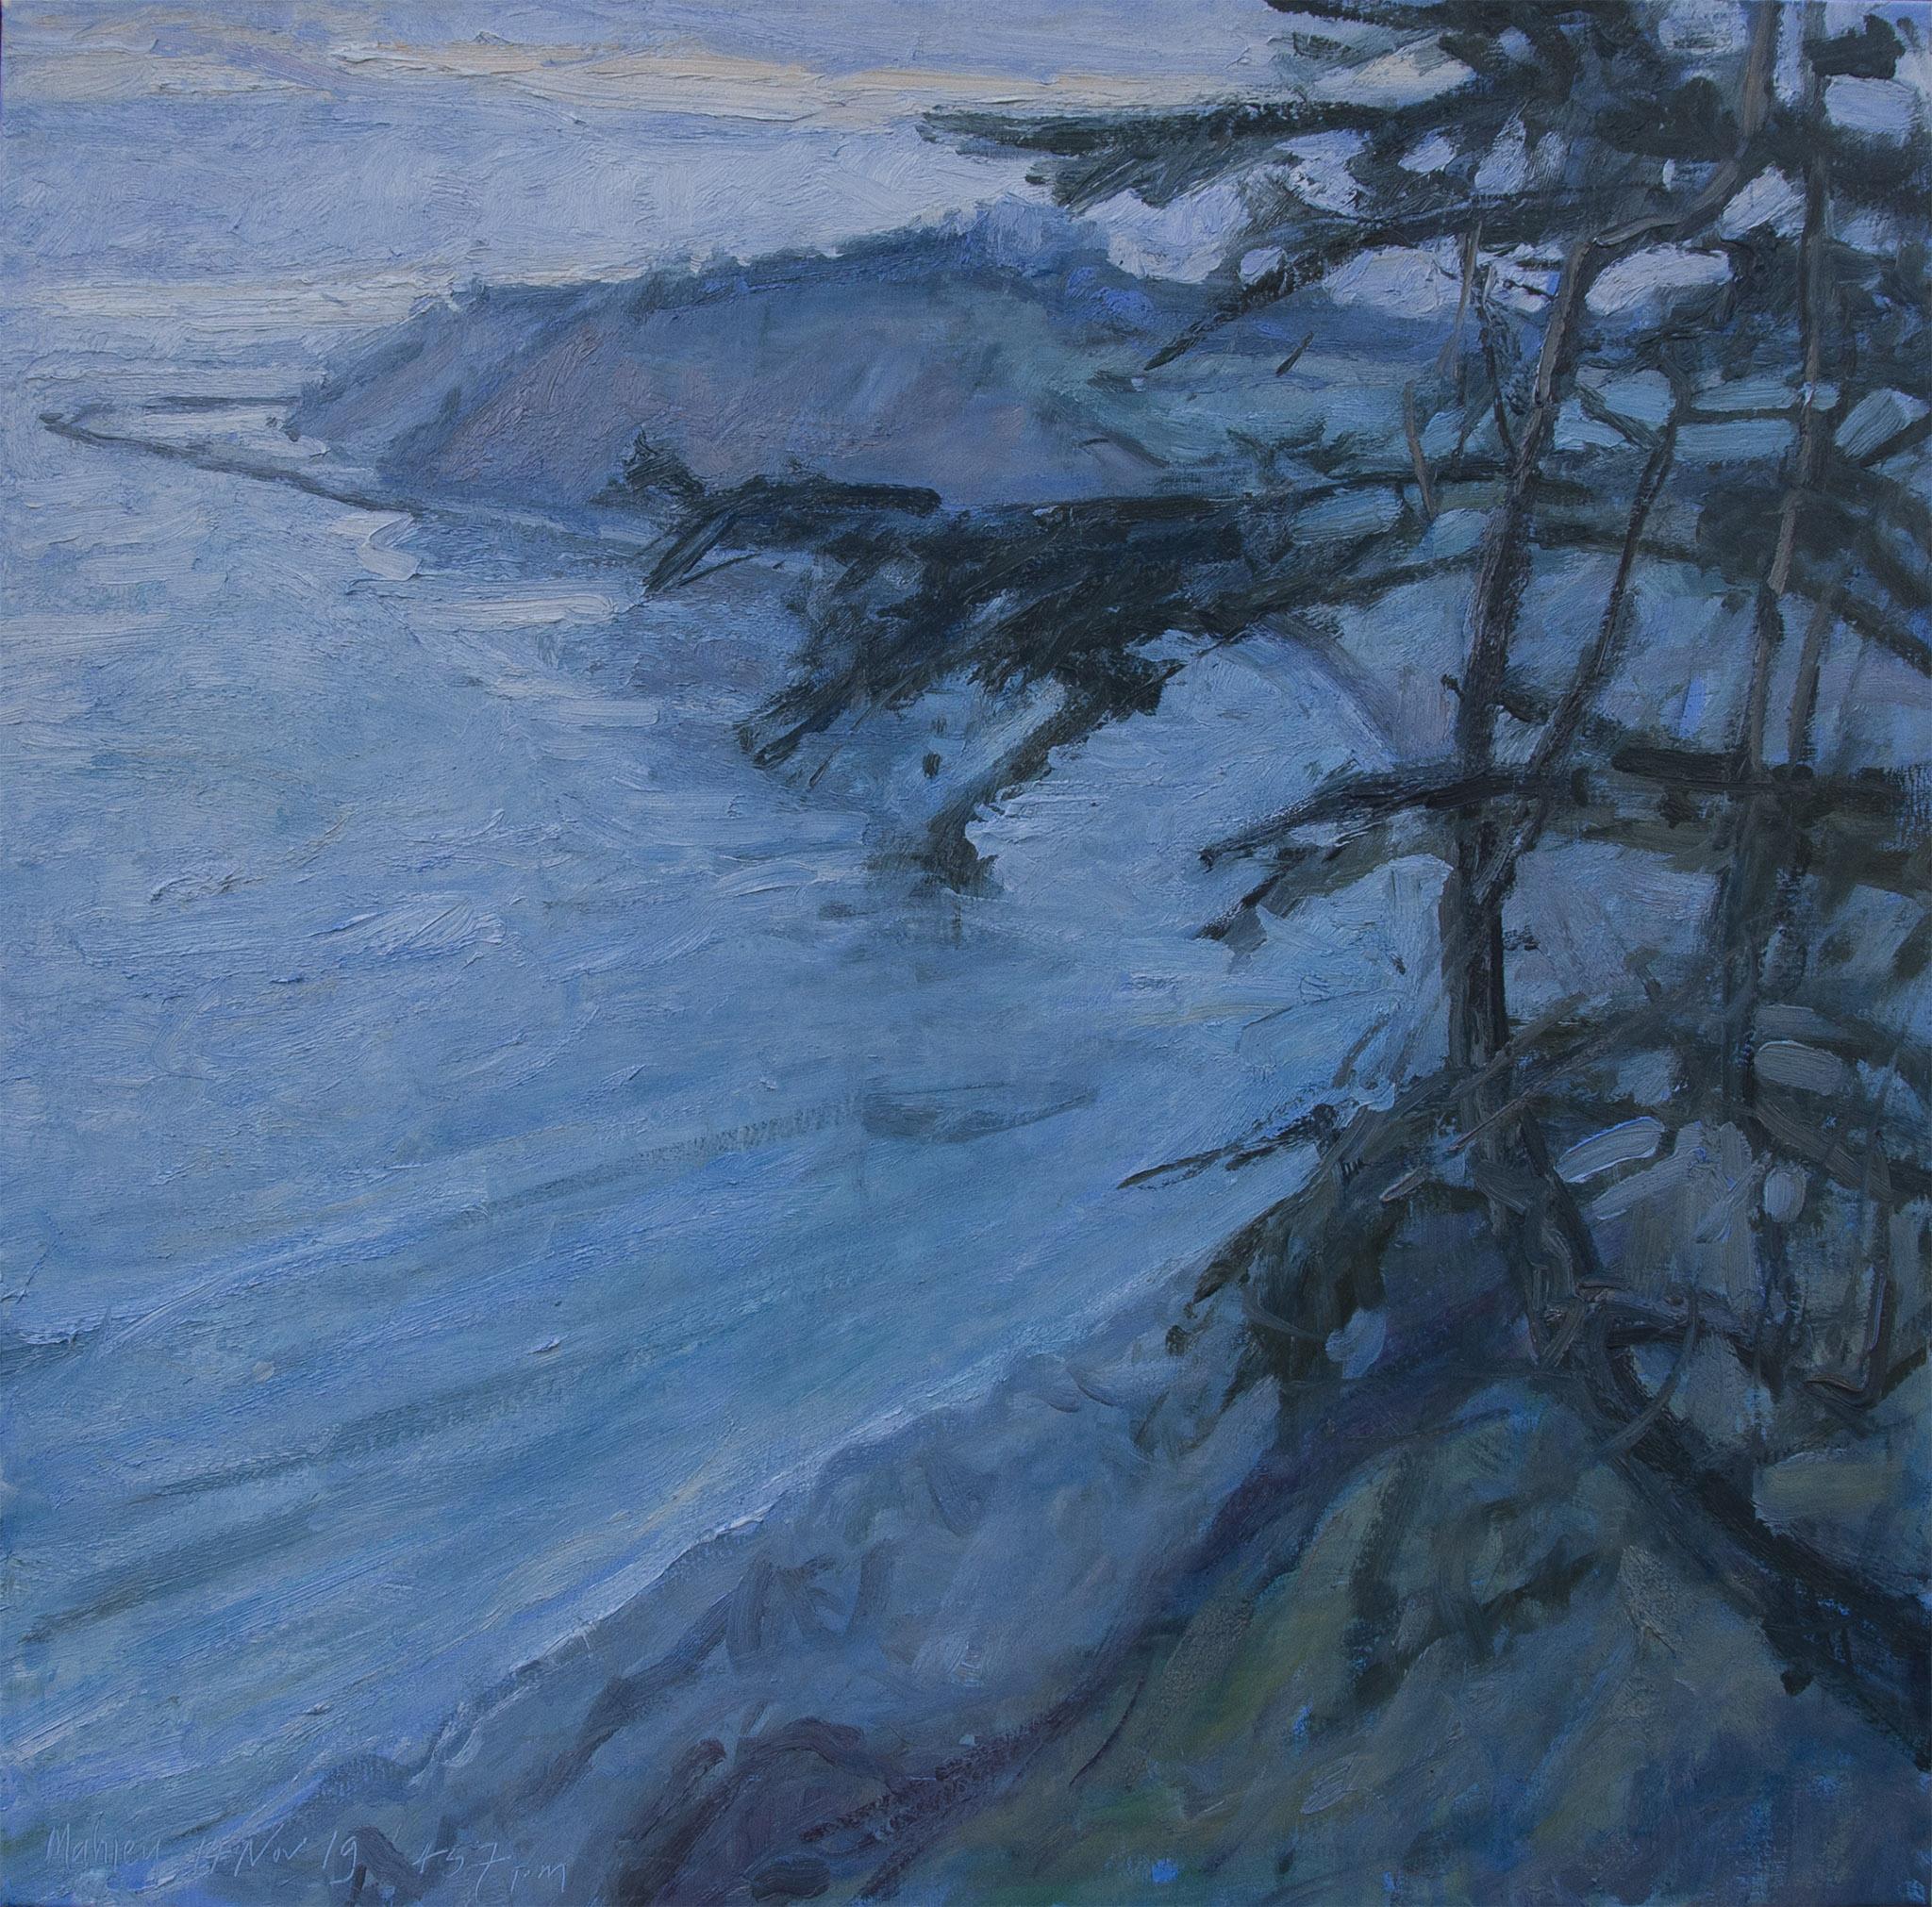 Evening Mist—Artist's Point